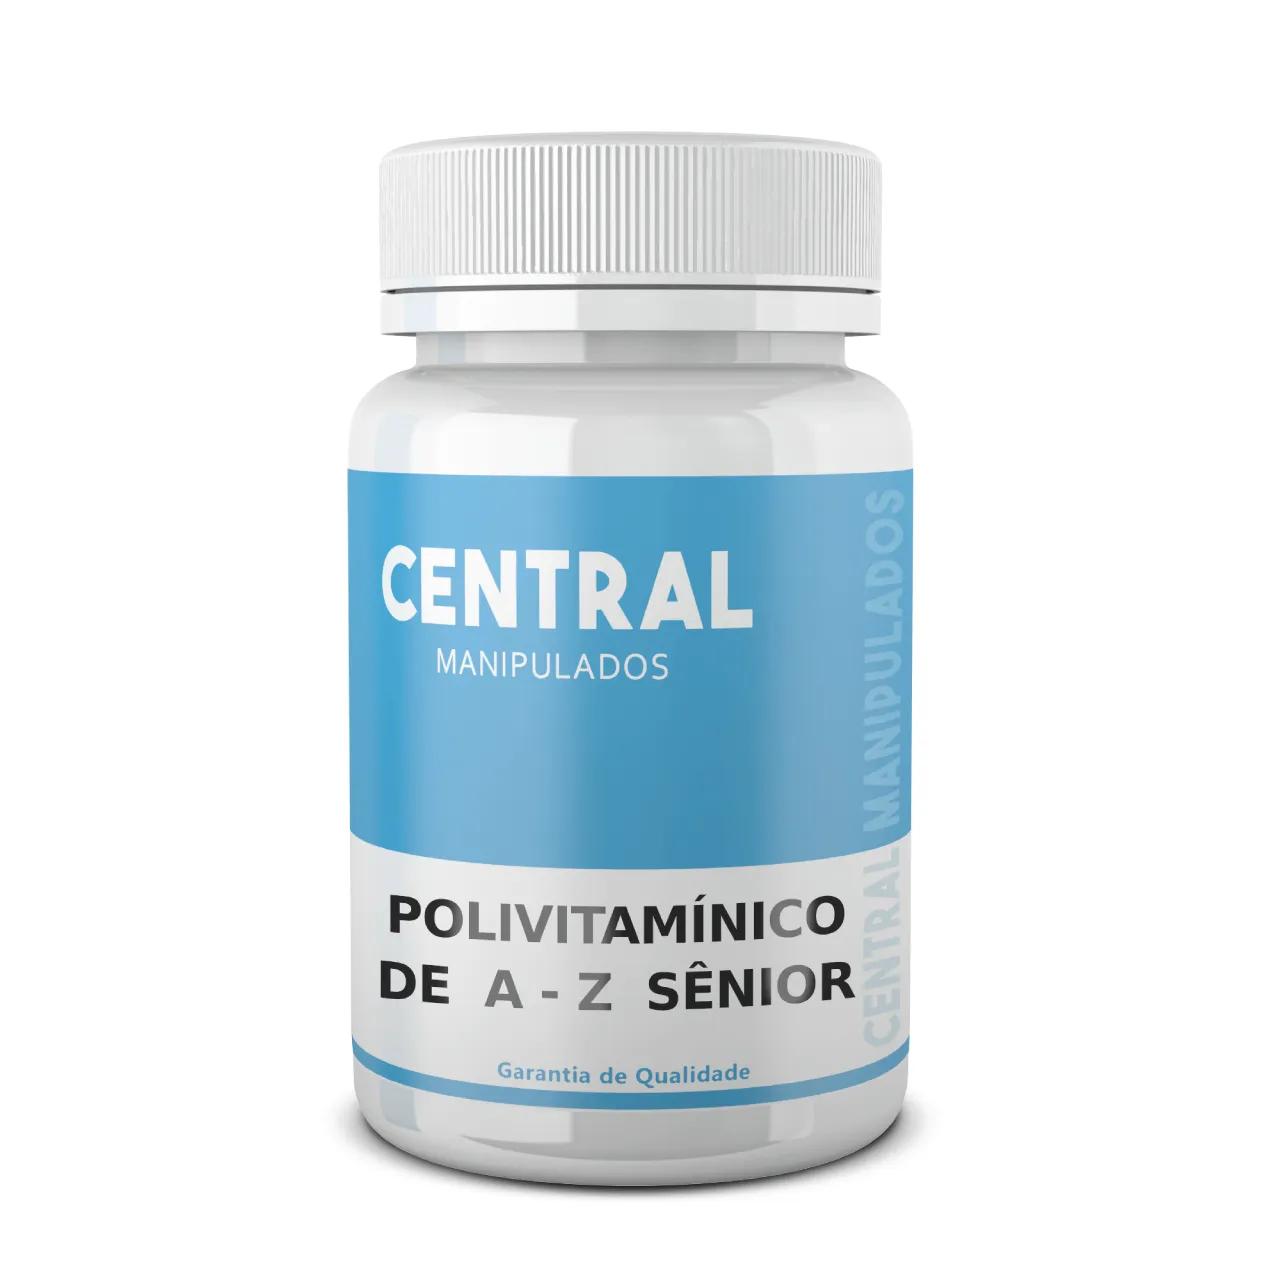 Polivitamínico Sênior de  A-Z - 240 cápsulas - complexo vitamínico